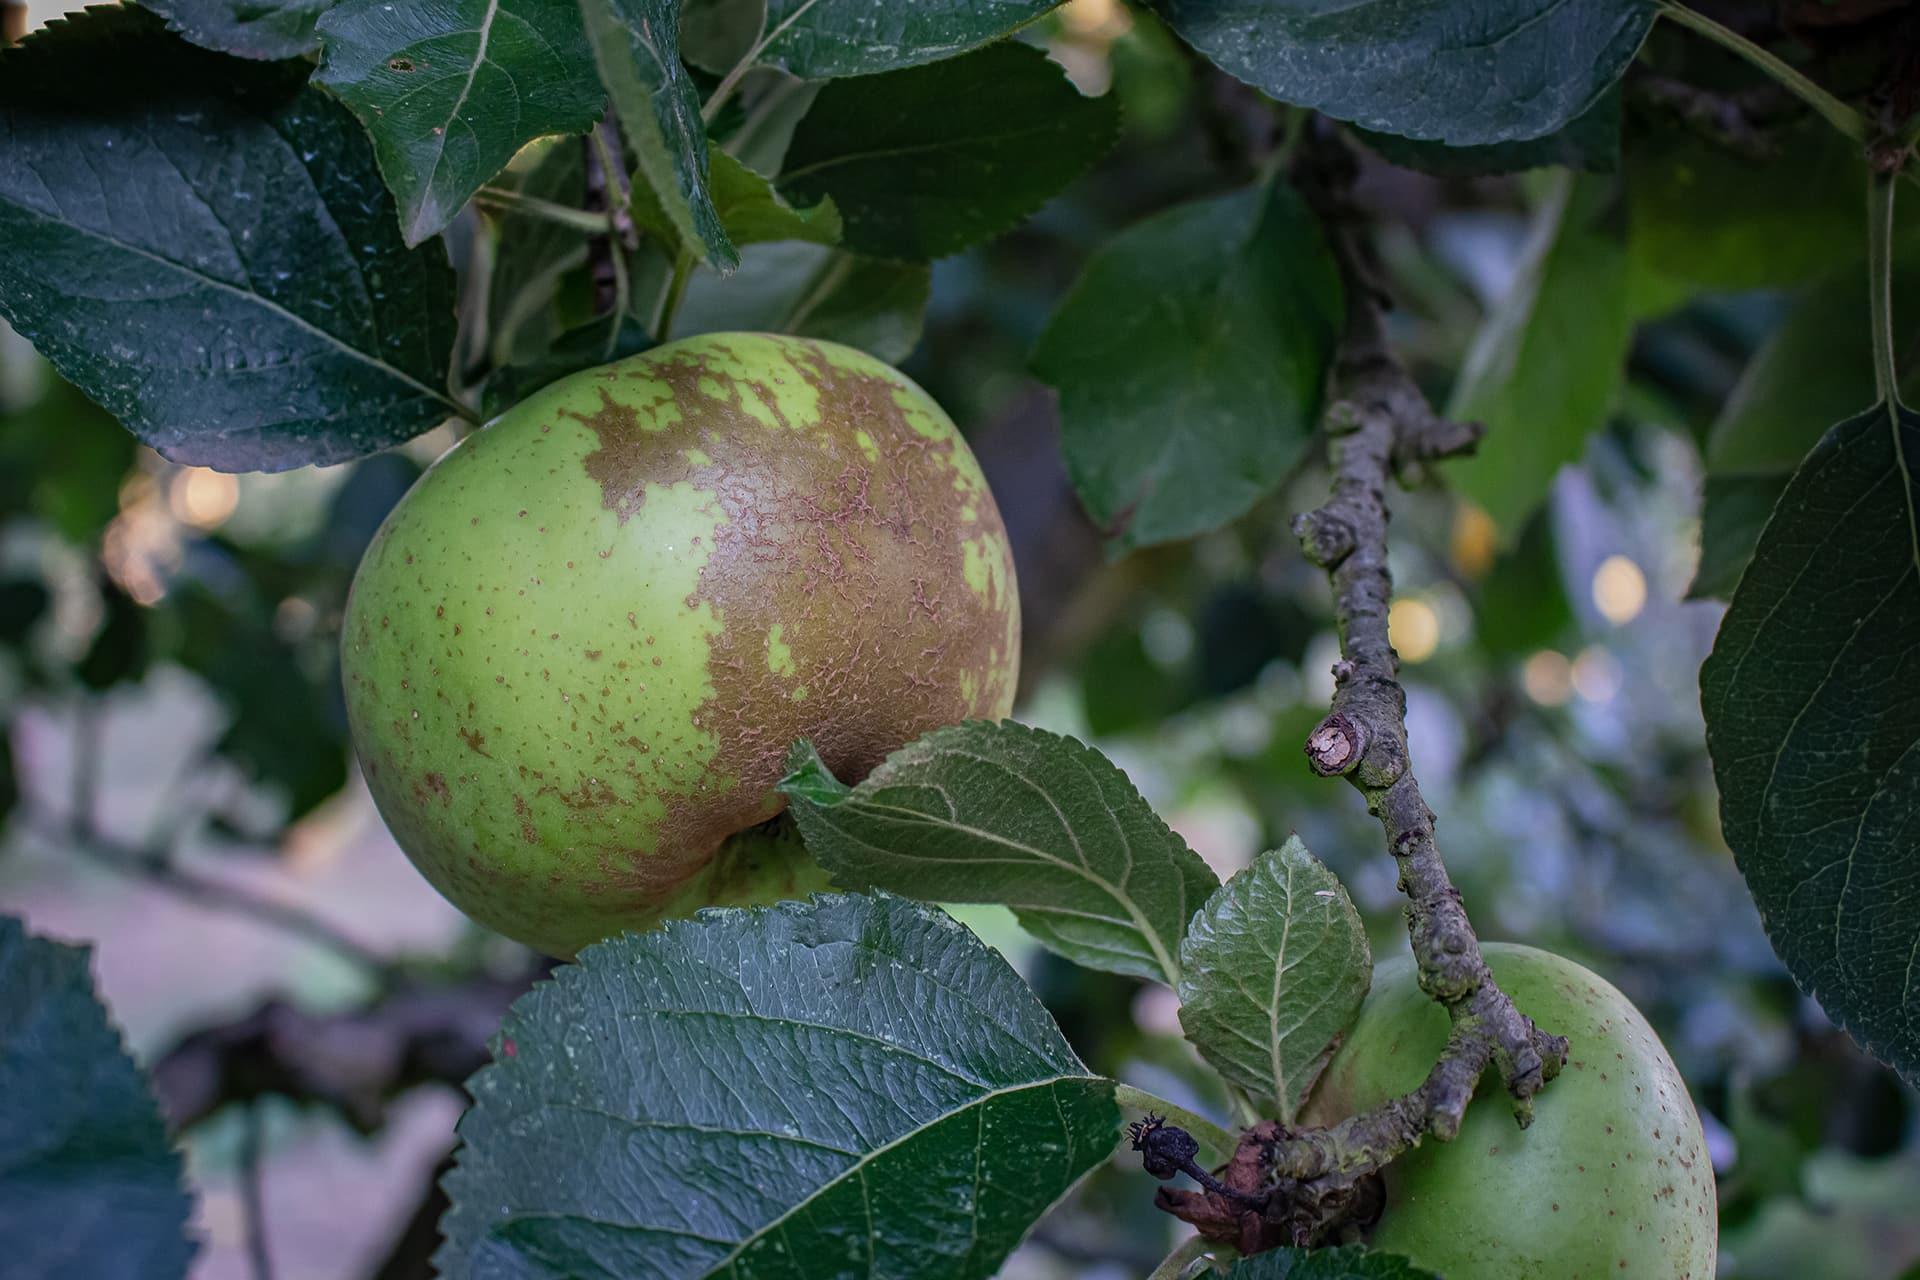 Manzanas para la sidra Carral: reineta blanca del Canadá